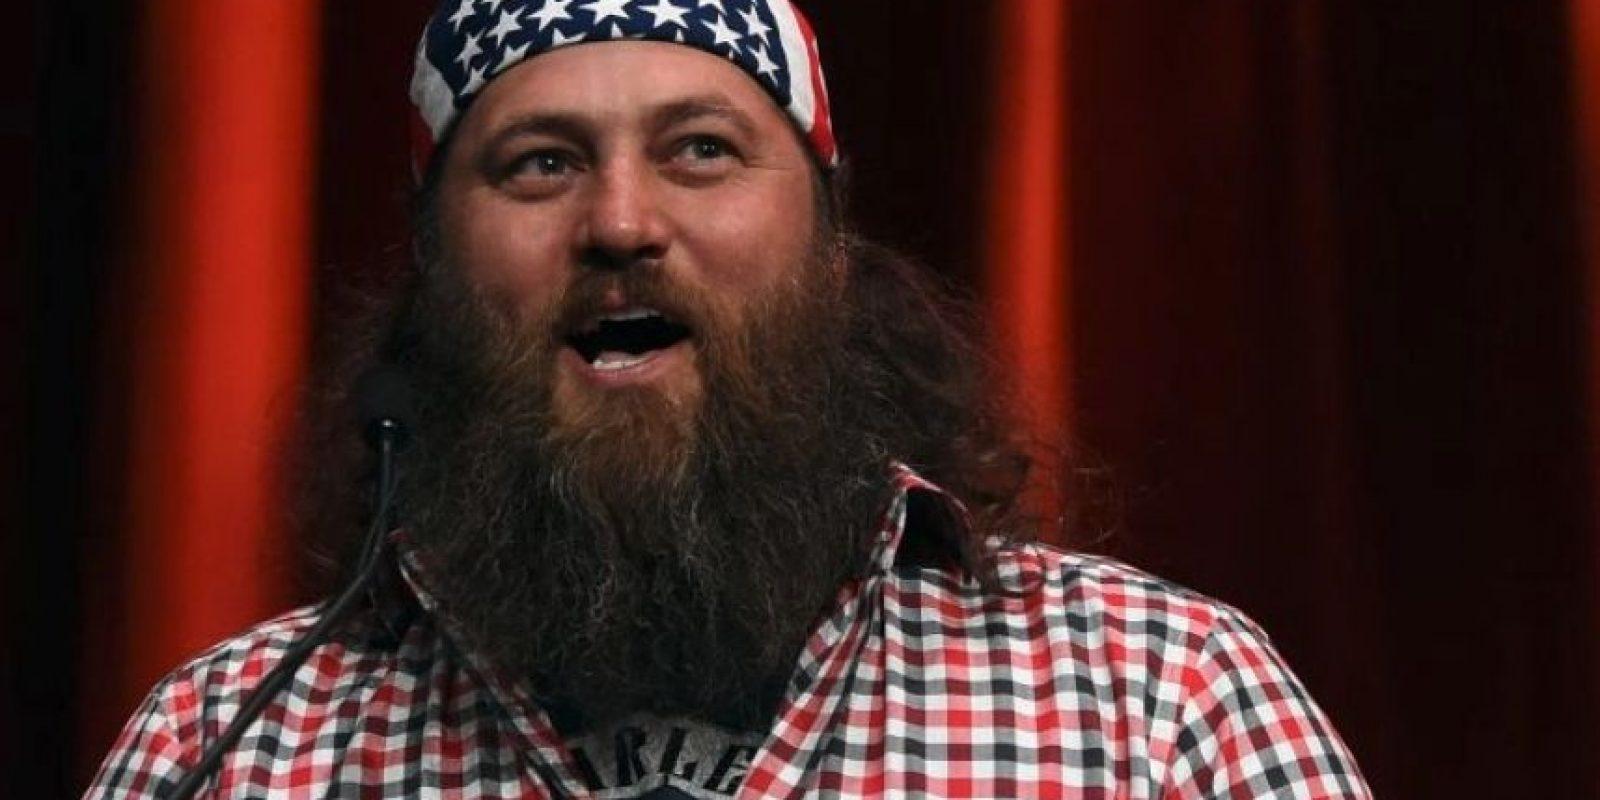 """Willie Robertson. El empresario y estrella de """"Duck Dynasty"""" de A&E apoyó Trump en un rally en Oklahoma el año pasado, donde fue invitado al escenario Foto:Getty Images"""